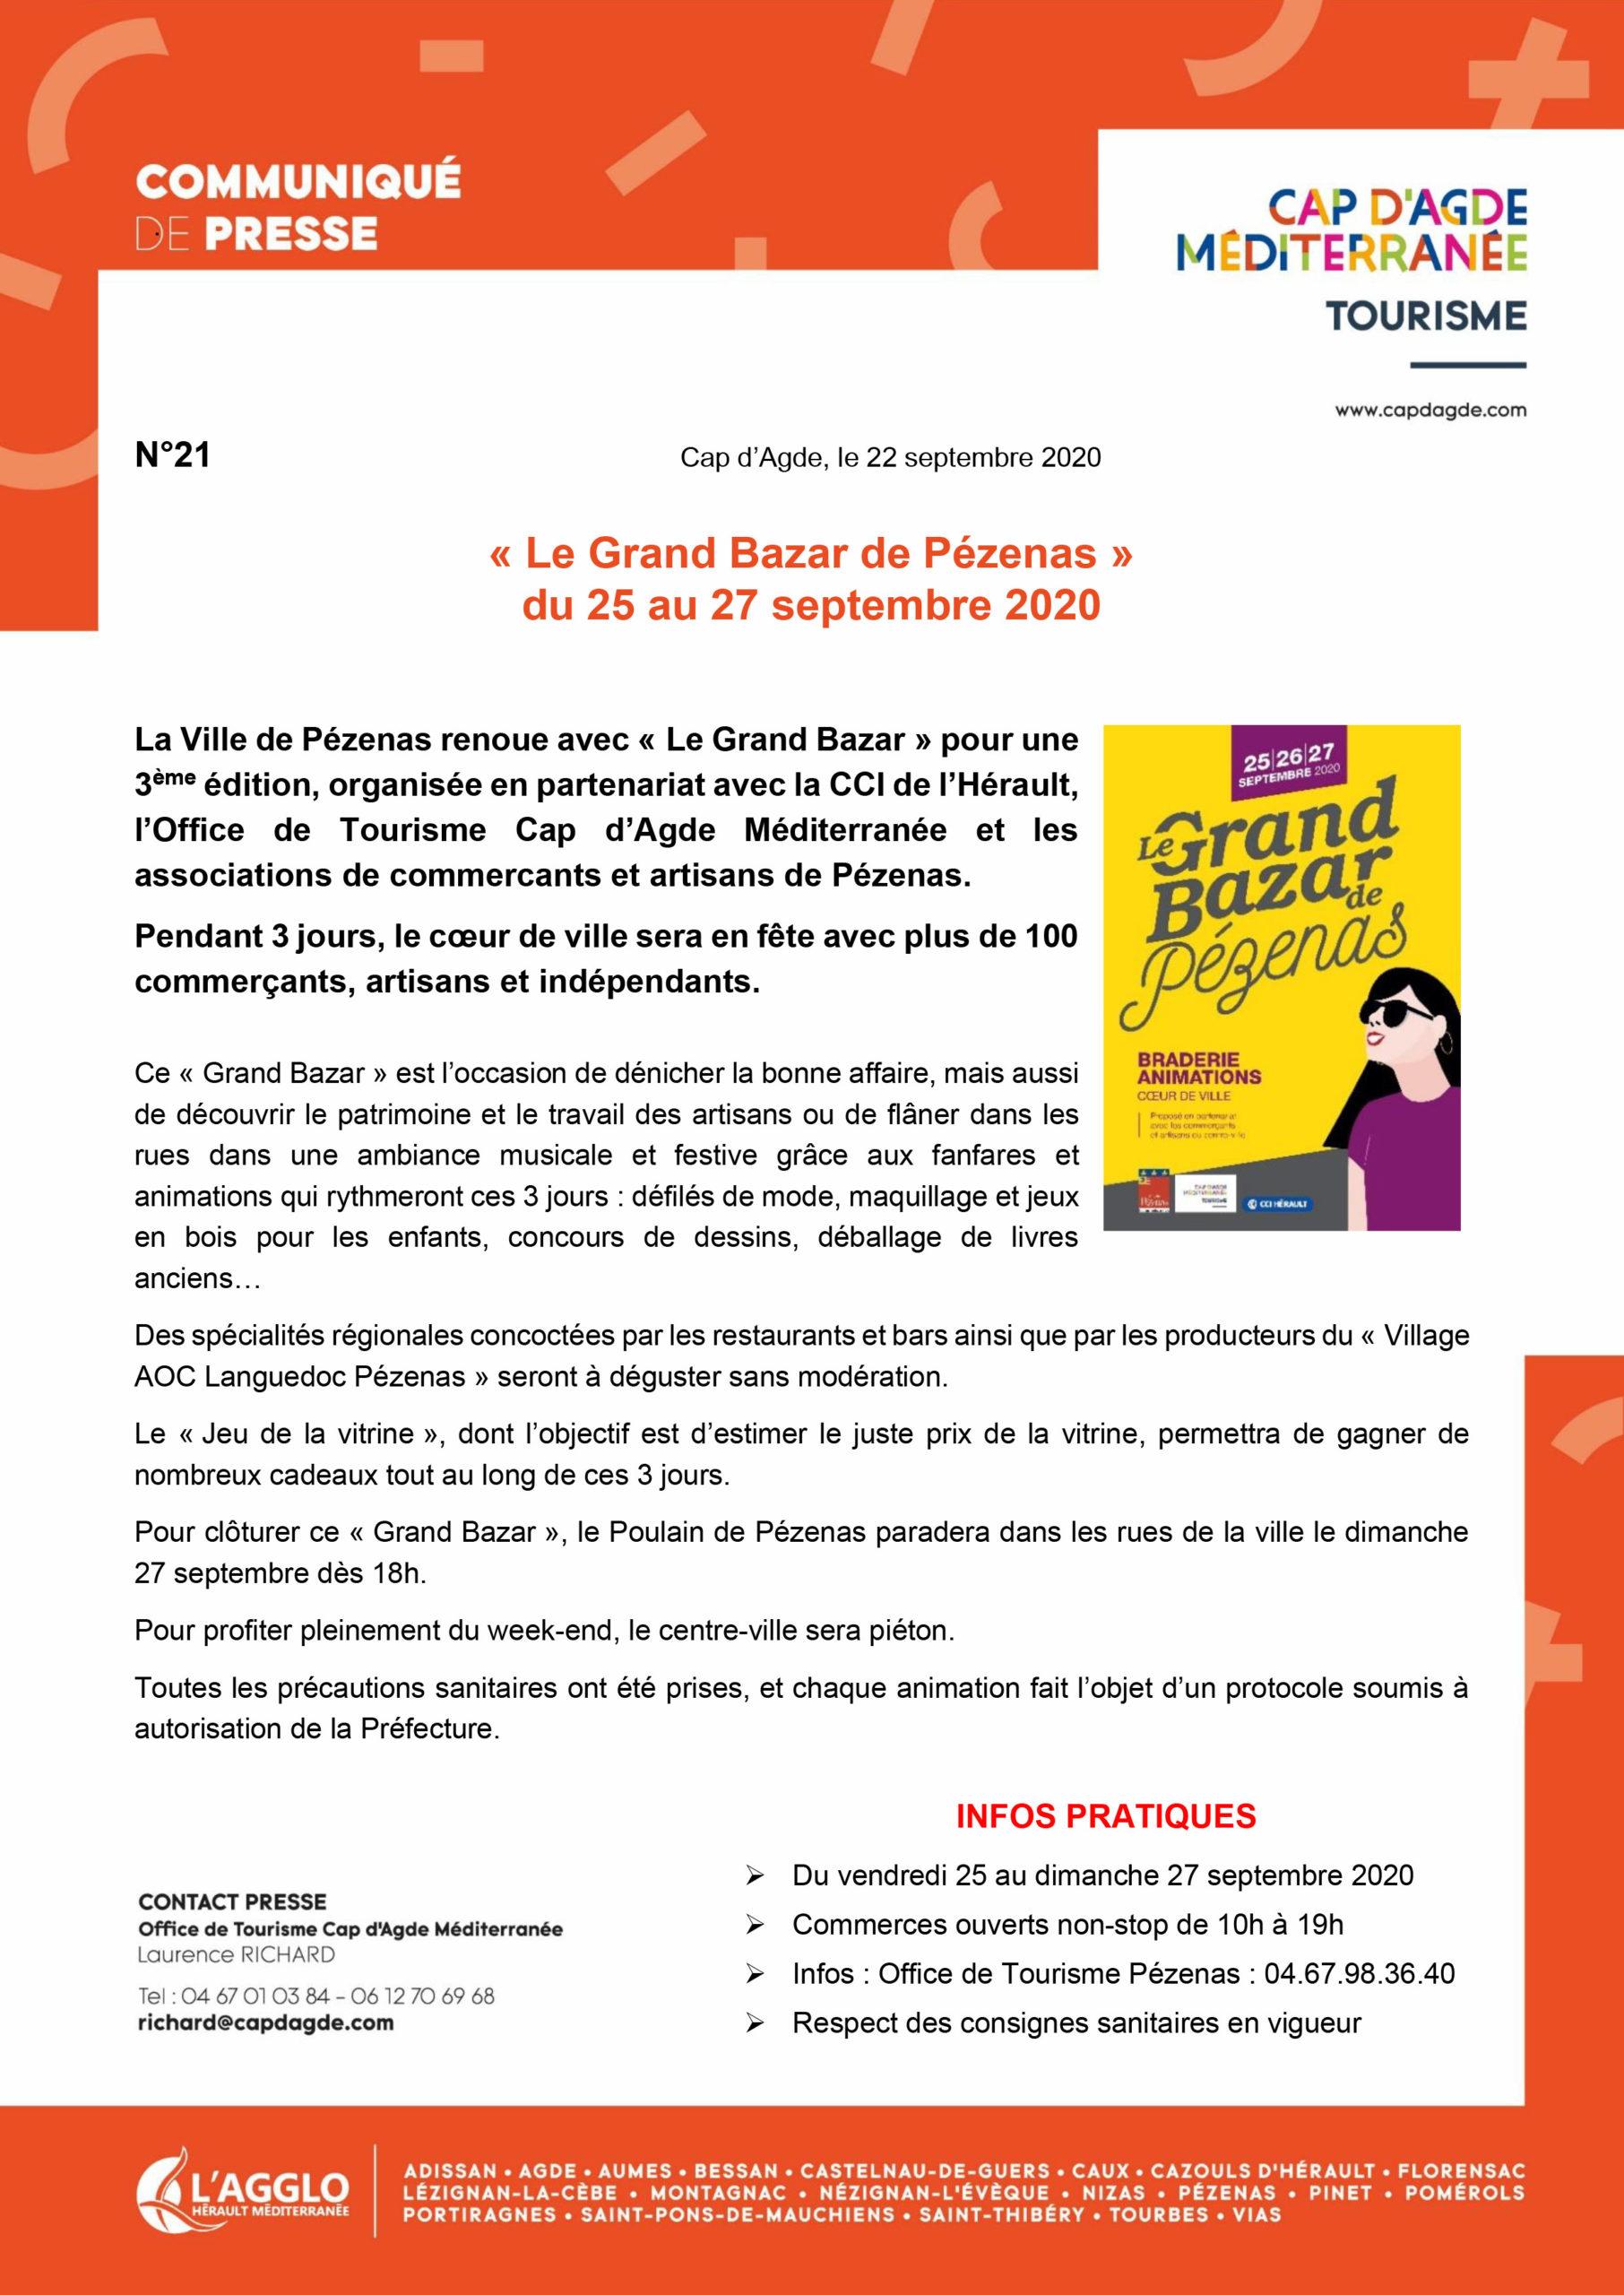 communiqué de presse intitulé « 'Grand Bazar de Pézenas' du 25 au 27 septembre 2020 »